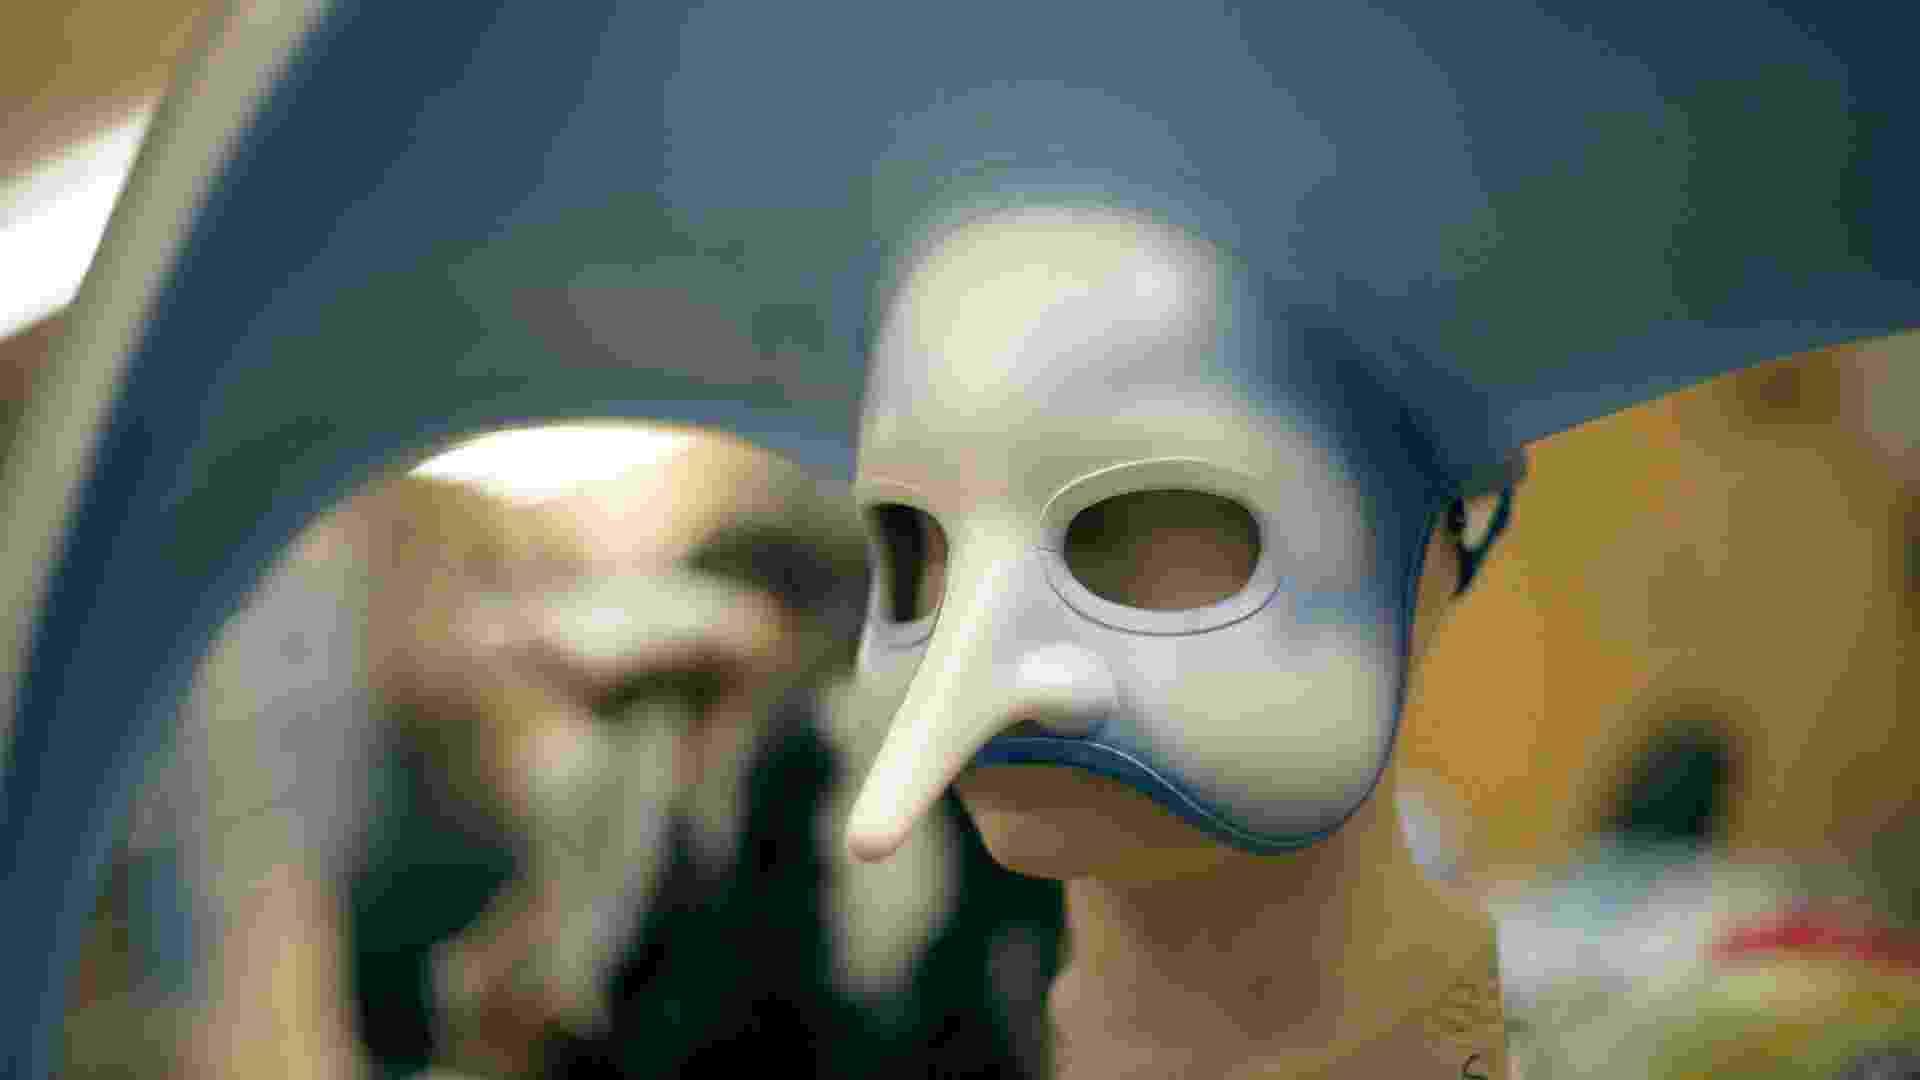 """Detalhe de máscara usada no espetáculo """"O"""", do Cirque du Soleil. O espetáculo também faz parte do filme em 3D """"Worlds Away"""", dirigido por James Cameron - Foto: Lucian Capellaro/Paramount Texto: Estefani Medeiros"""